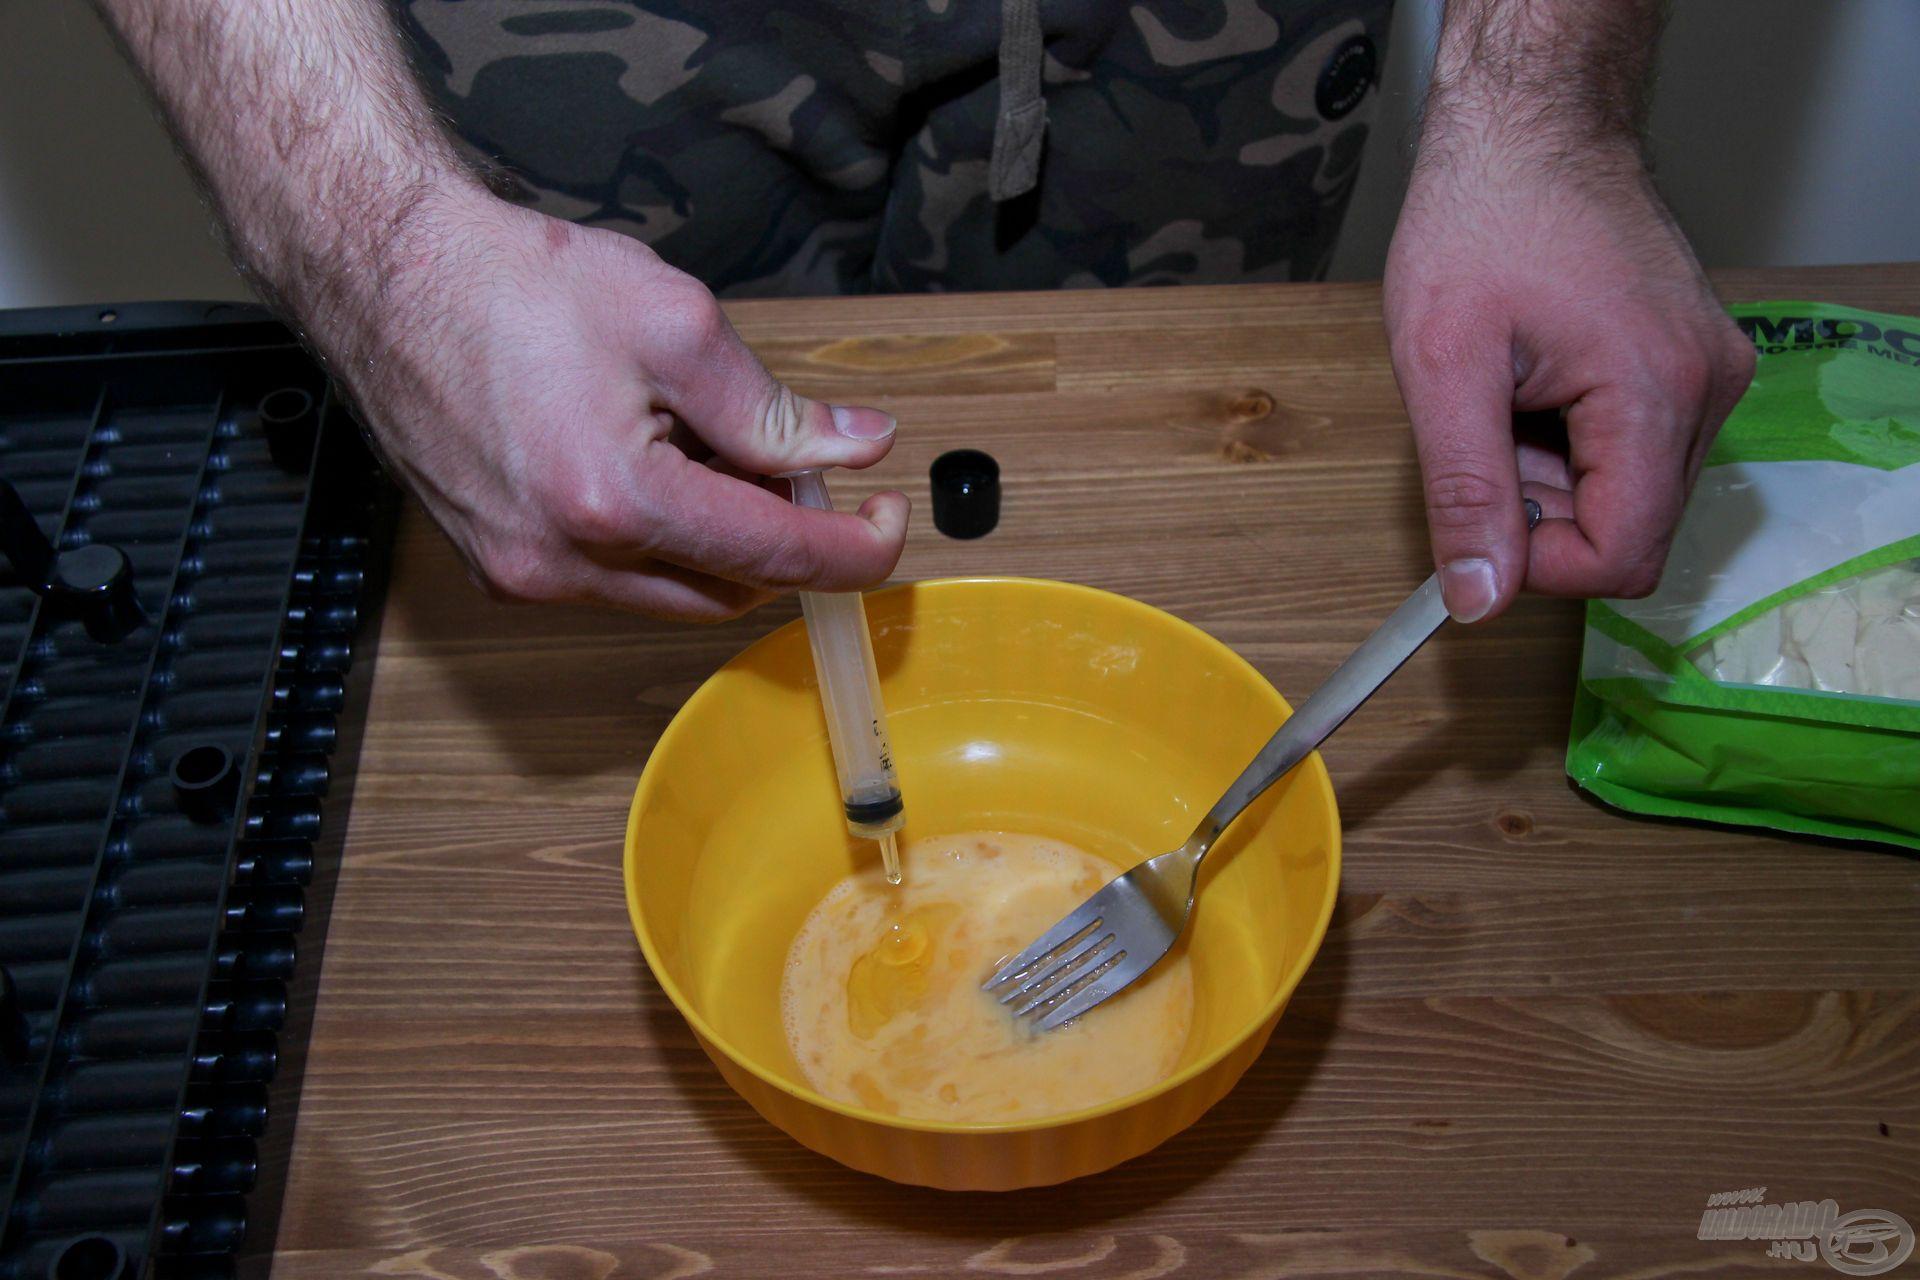 Egy fecskendő segítségével pontosan kimérhetjük a mennyiségeket